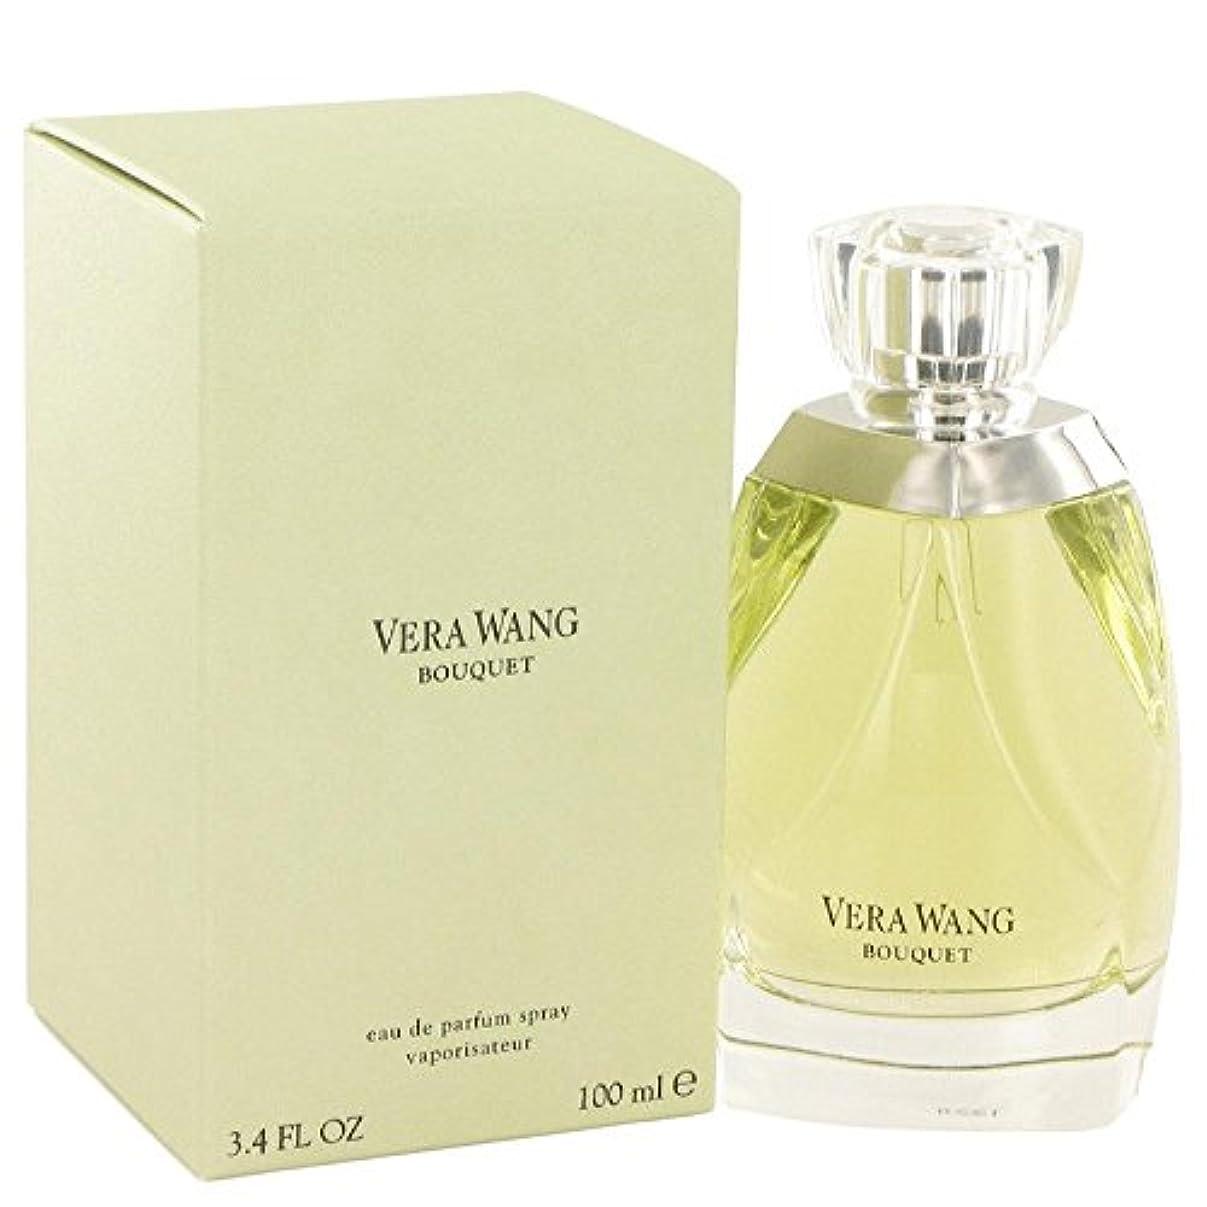 アクション架空の多様体Vera Wang Bouquet 100ml/3.4oz Eau De Parfum Spray EDP Perfume Fragrance for Her